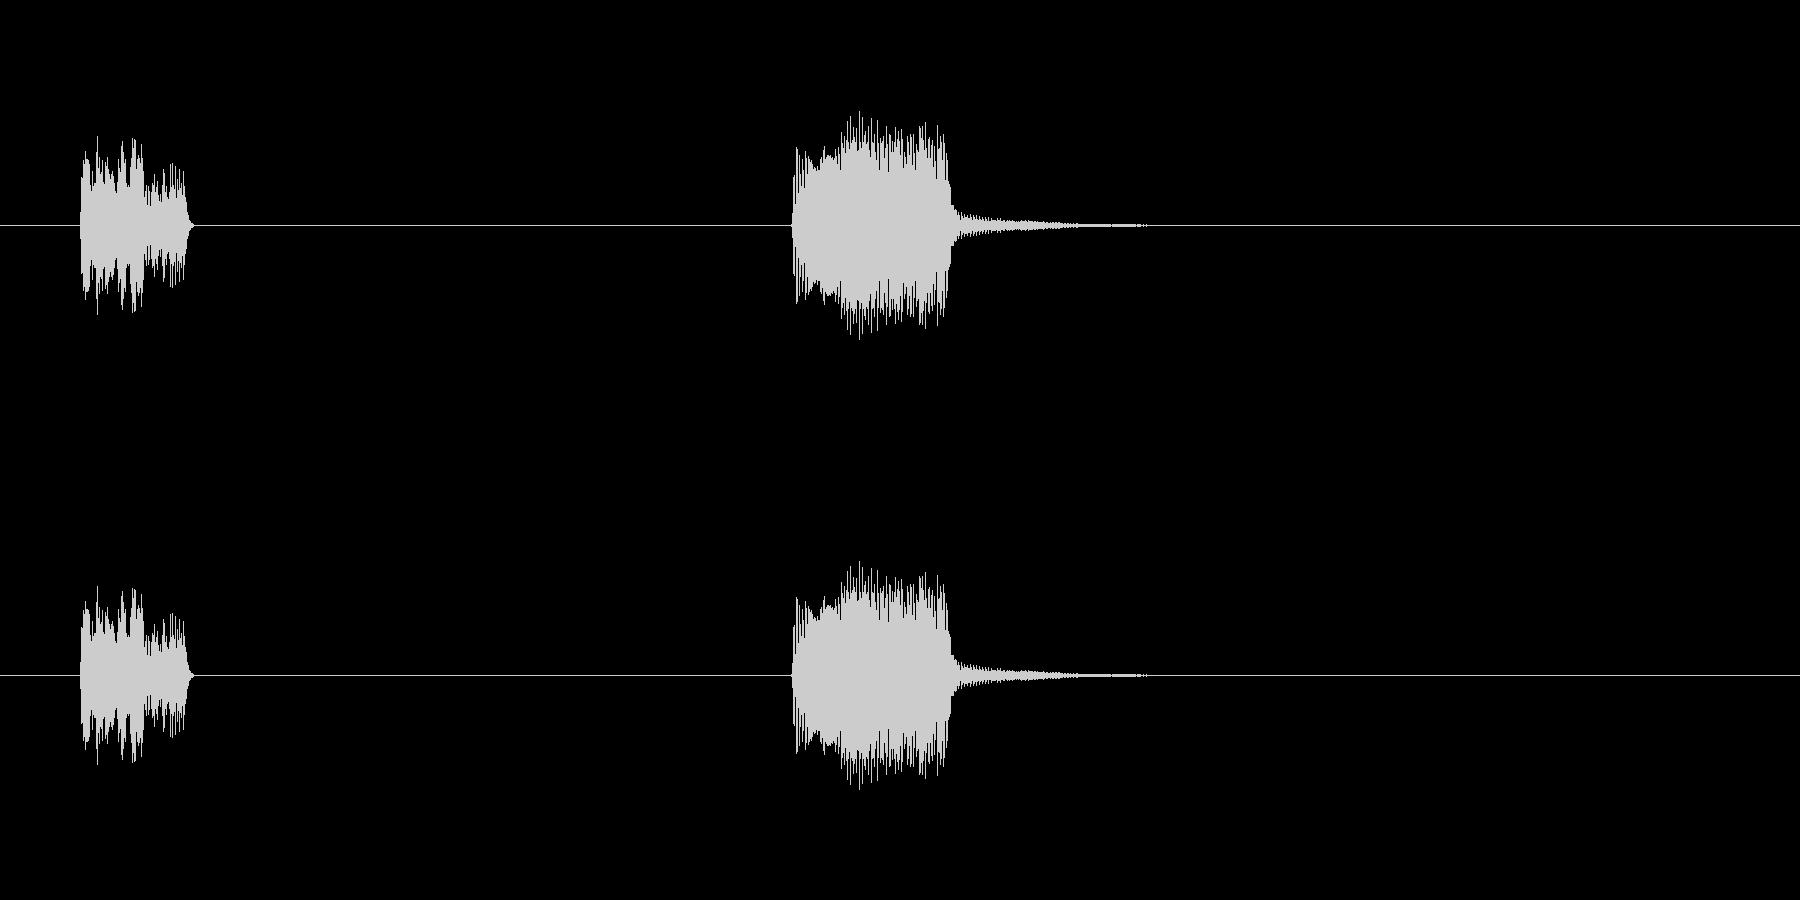 エネルギーバーストショートエネルギ...の未再生の波形